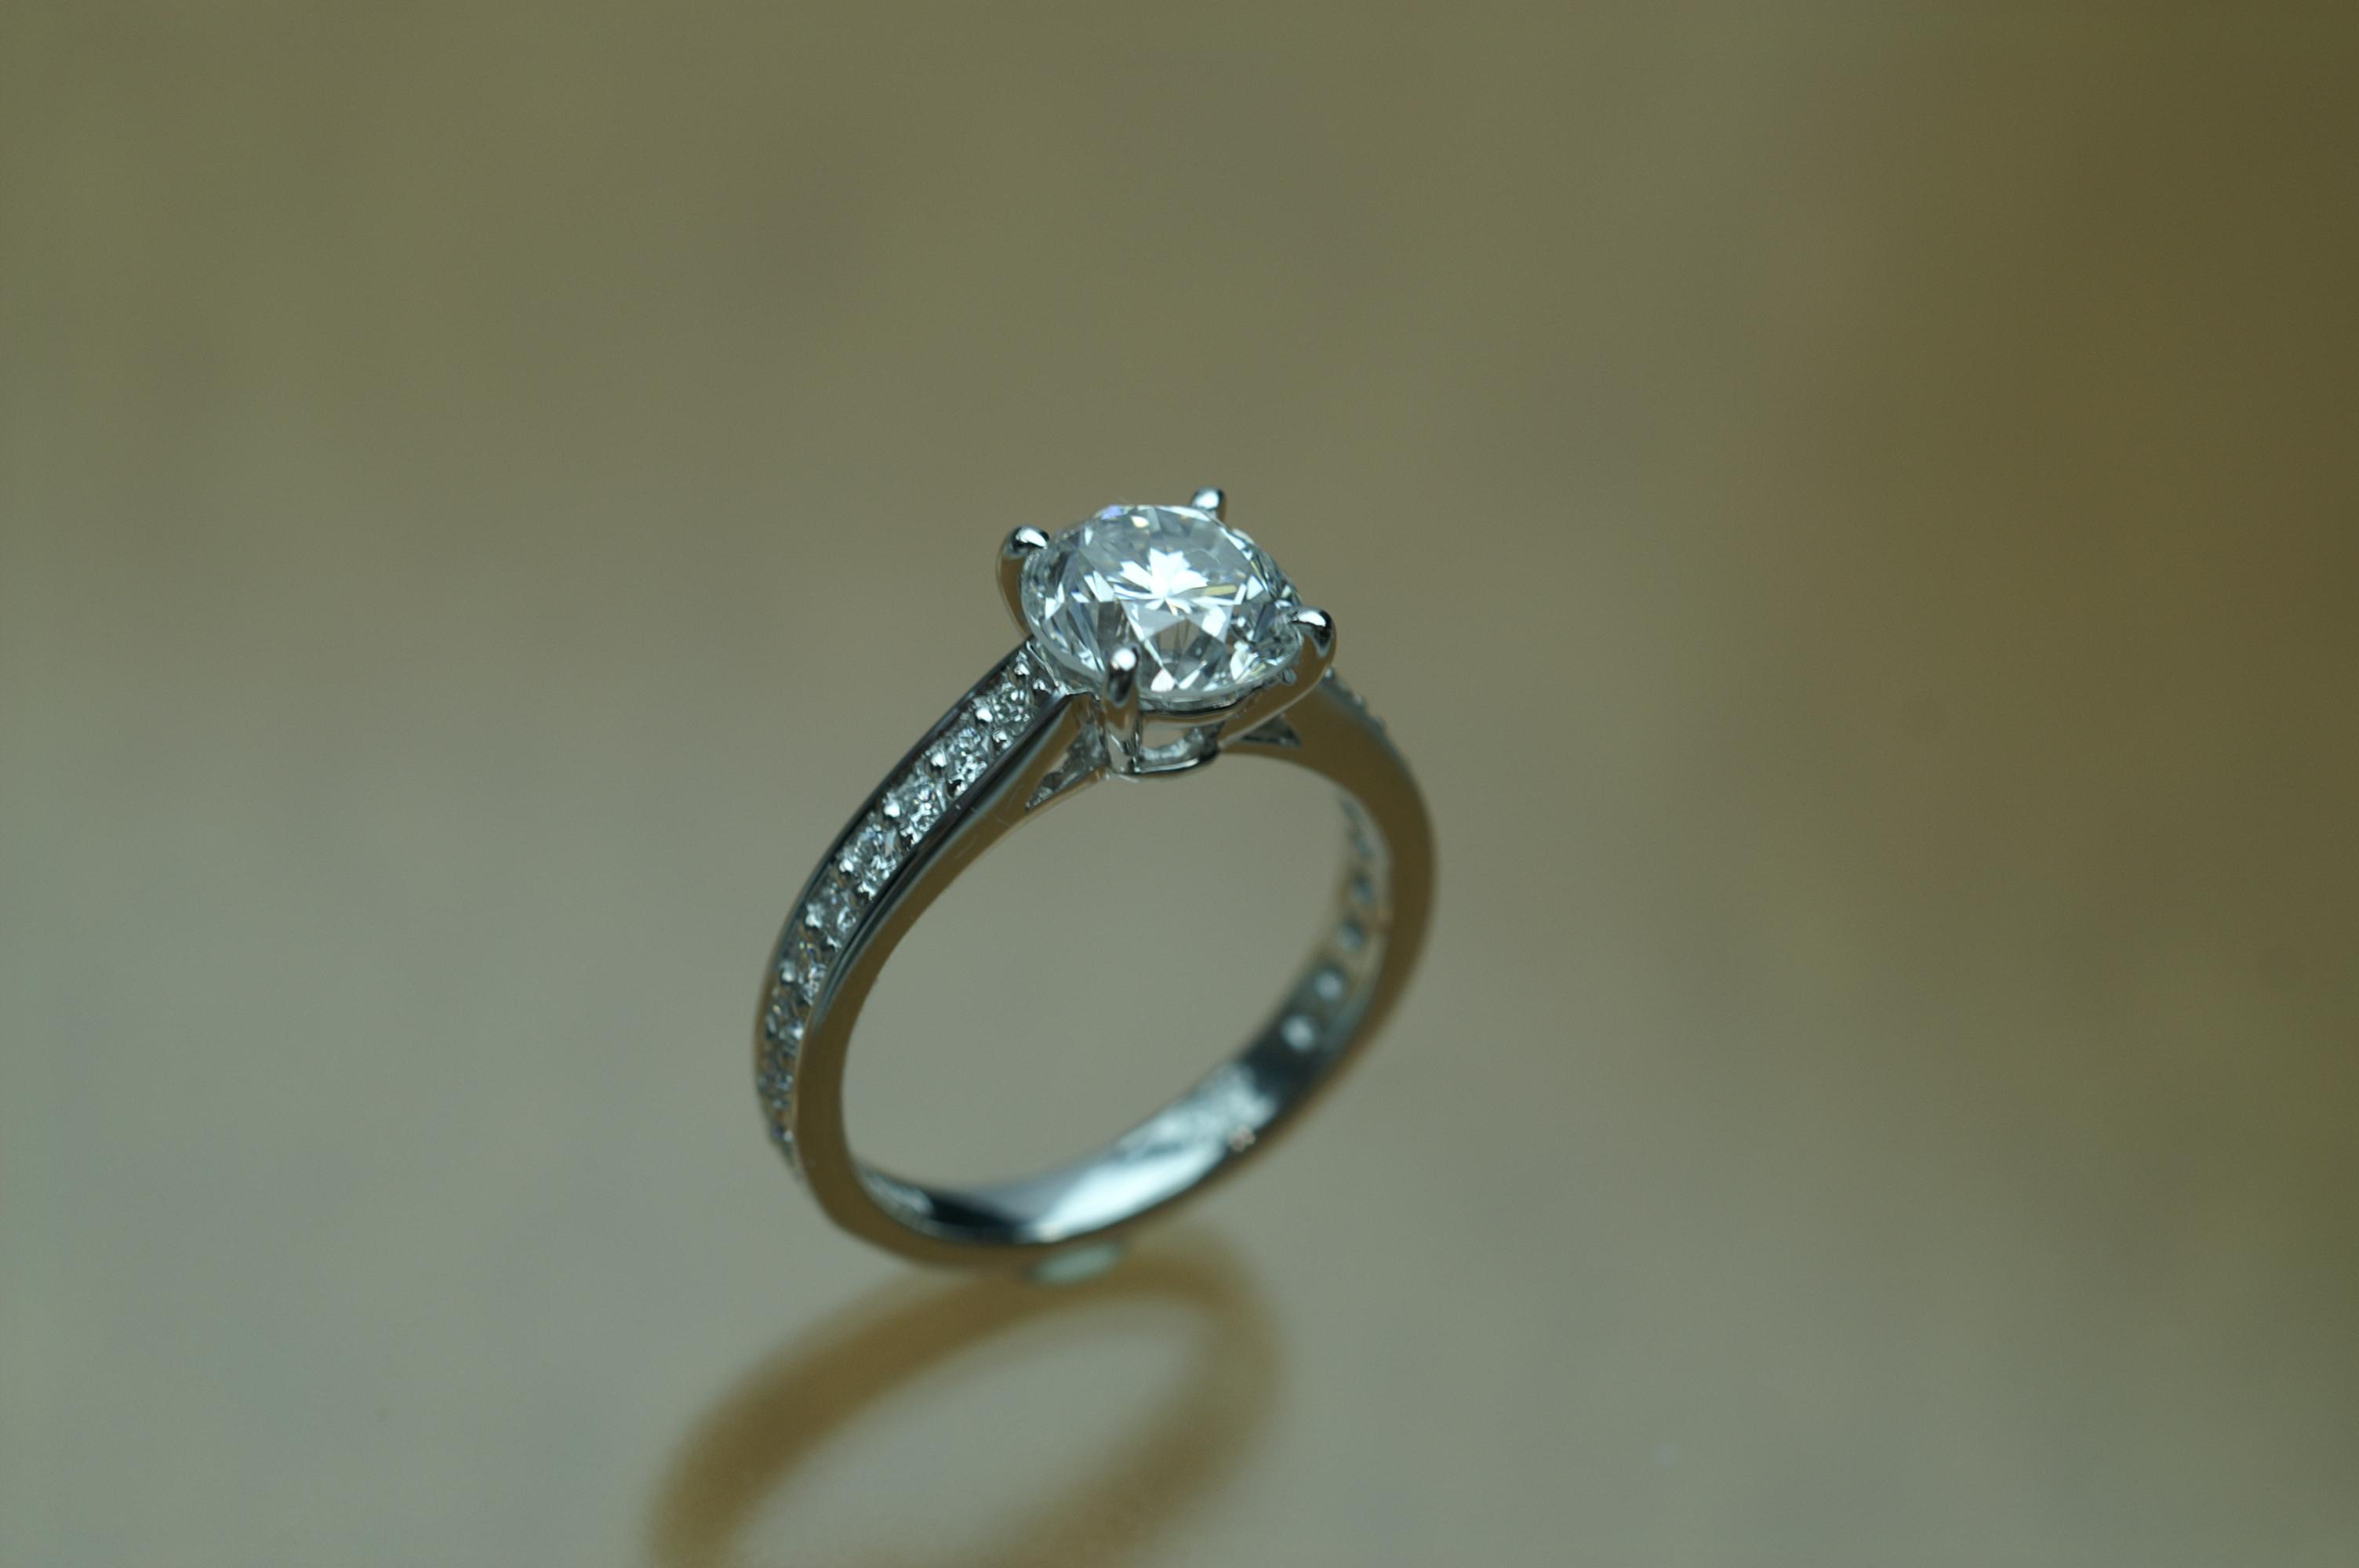 リフォーム後は  皮脂などが落ちてダイヤも綺麗になるので 素晴らしい輝き